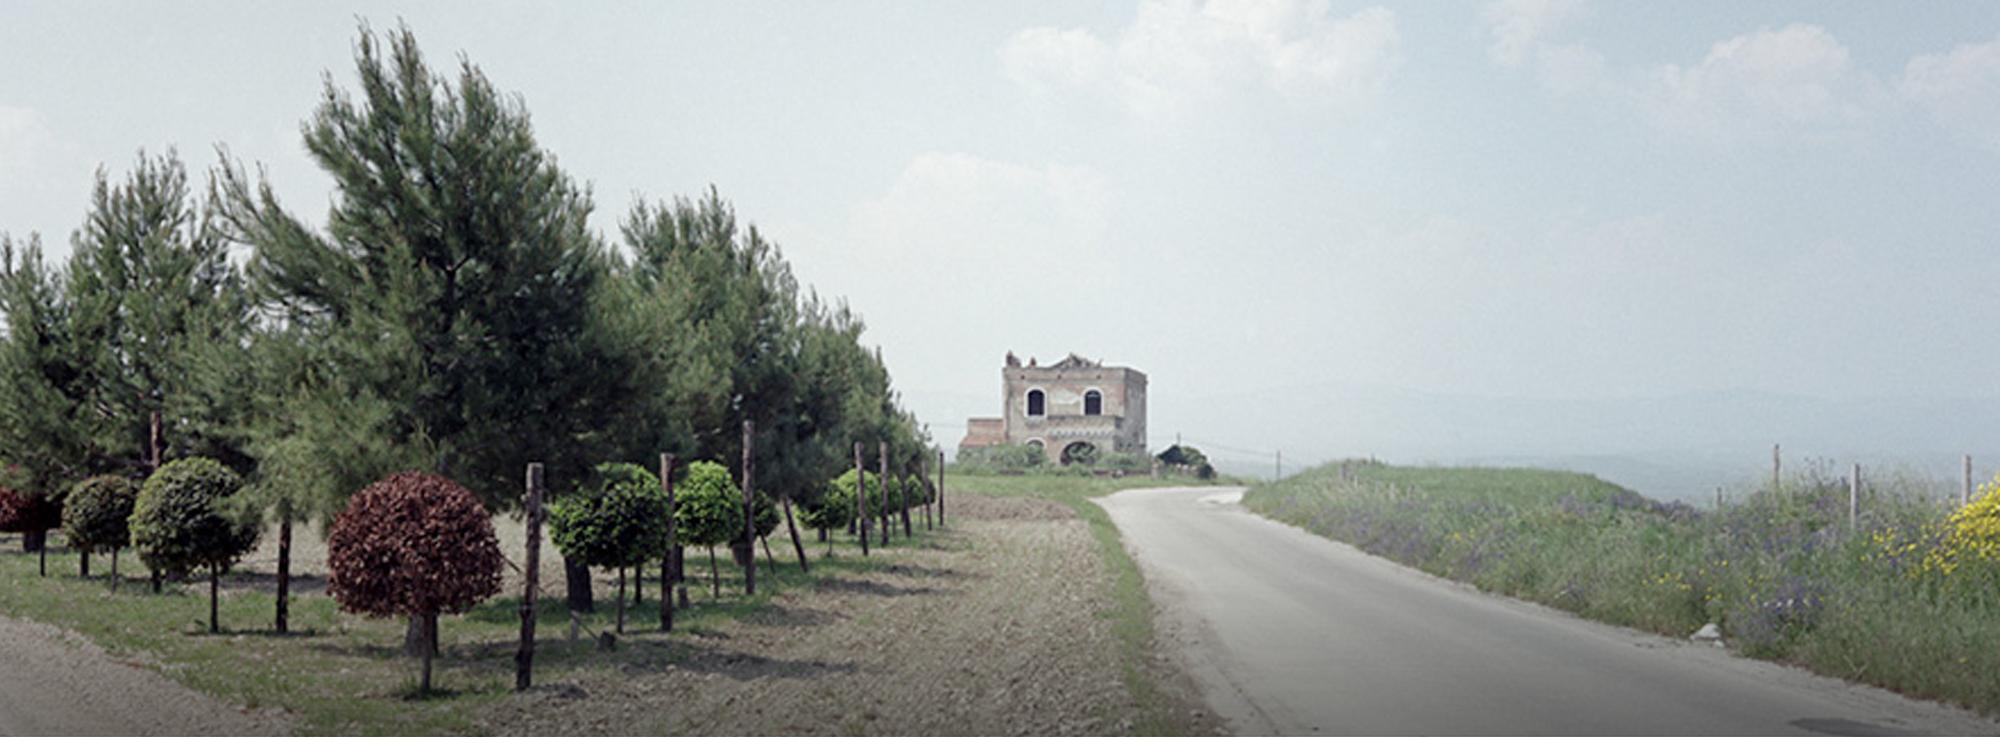 Lecce: Mostra di Gianni Leone